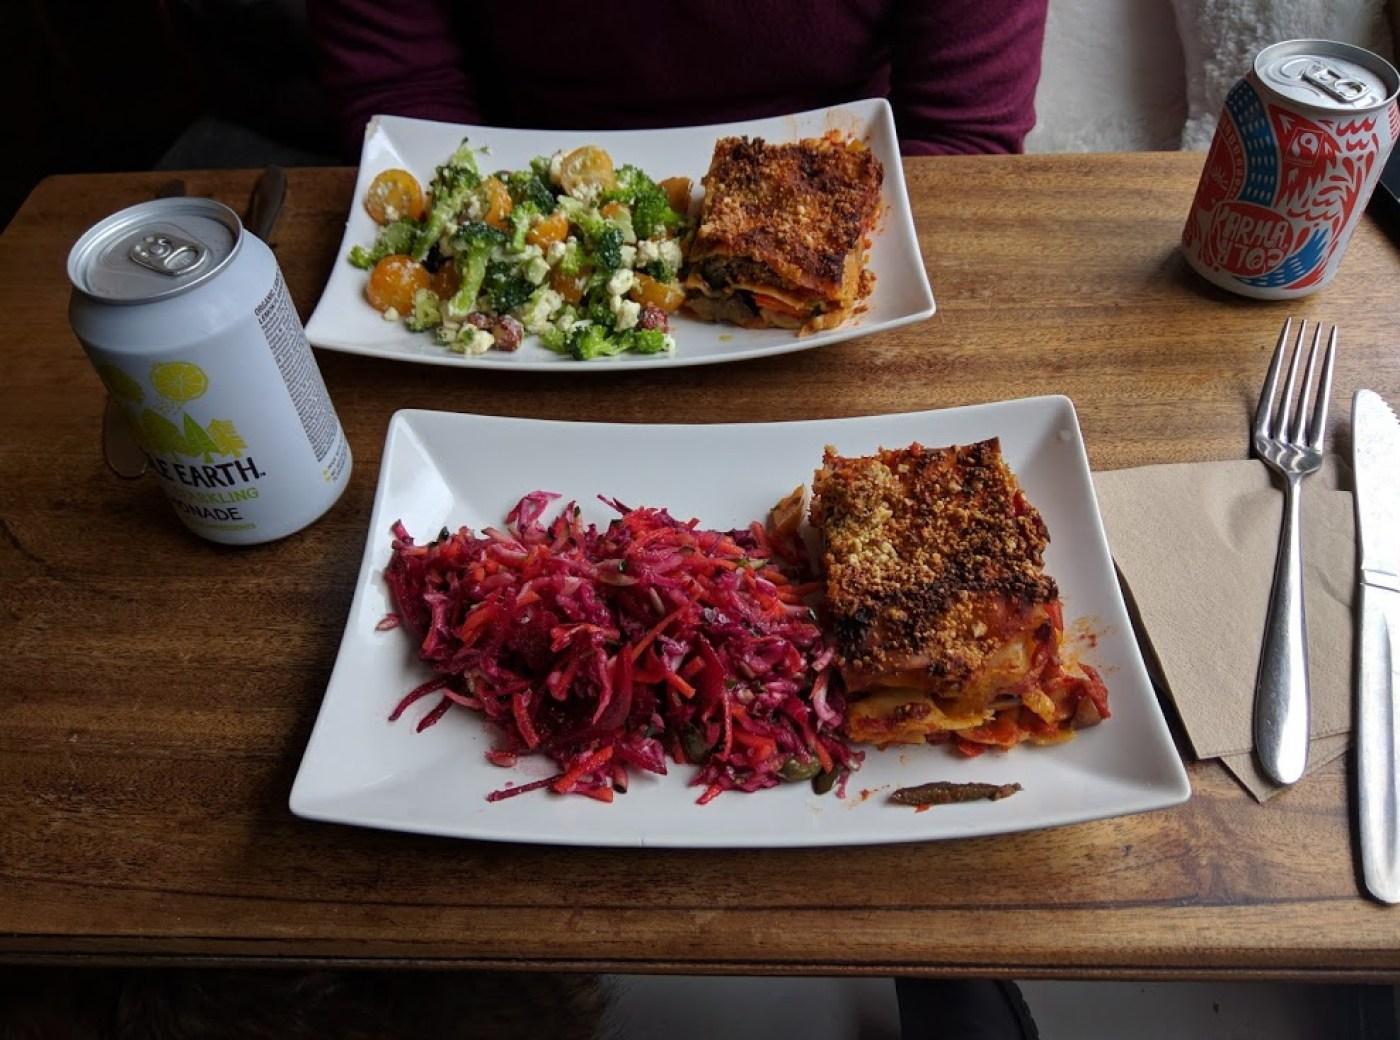 Faccio come mi pare blog, dove mangiare ad aberdeen, mangiare ad aberdeen, locali ad aberdeen, mangiare bene aberdeen (4)